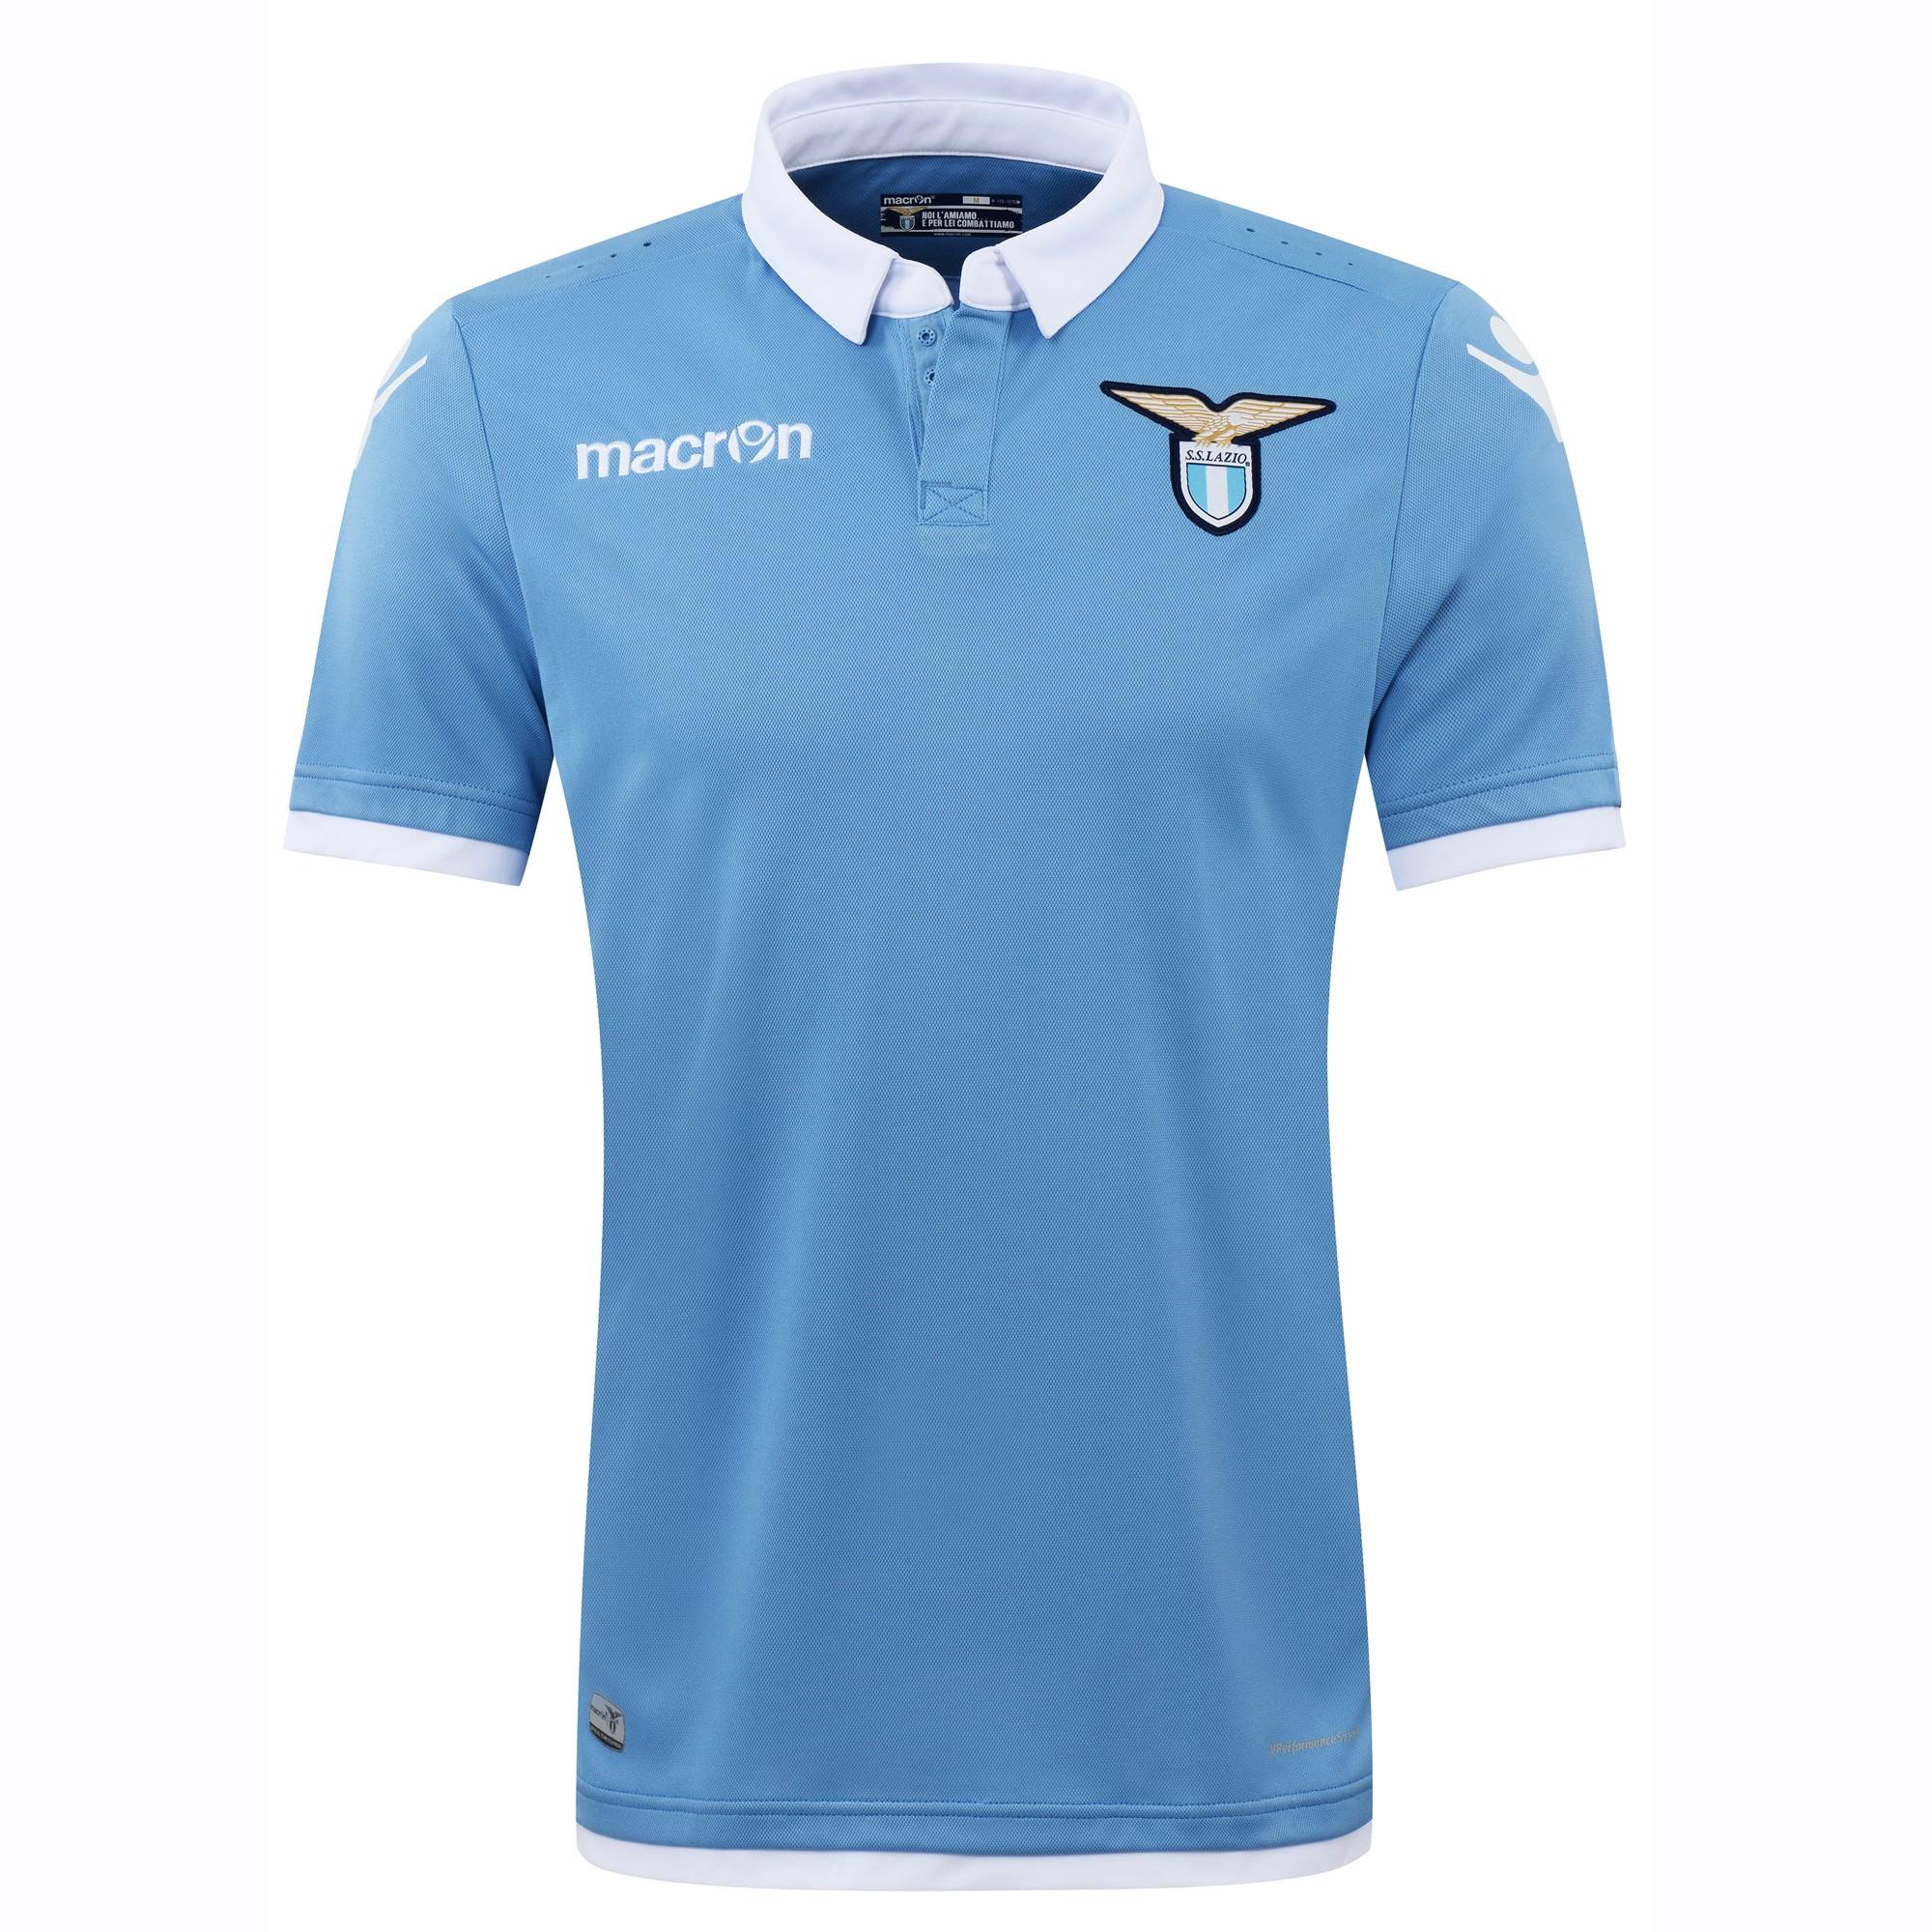 e62f7b20d 2016-2017 Lazio Authentic Home Match Shirt  58089334  - Uksoccershop